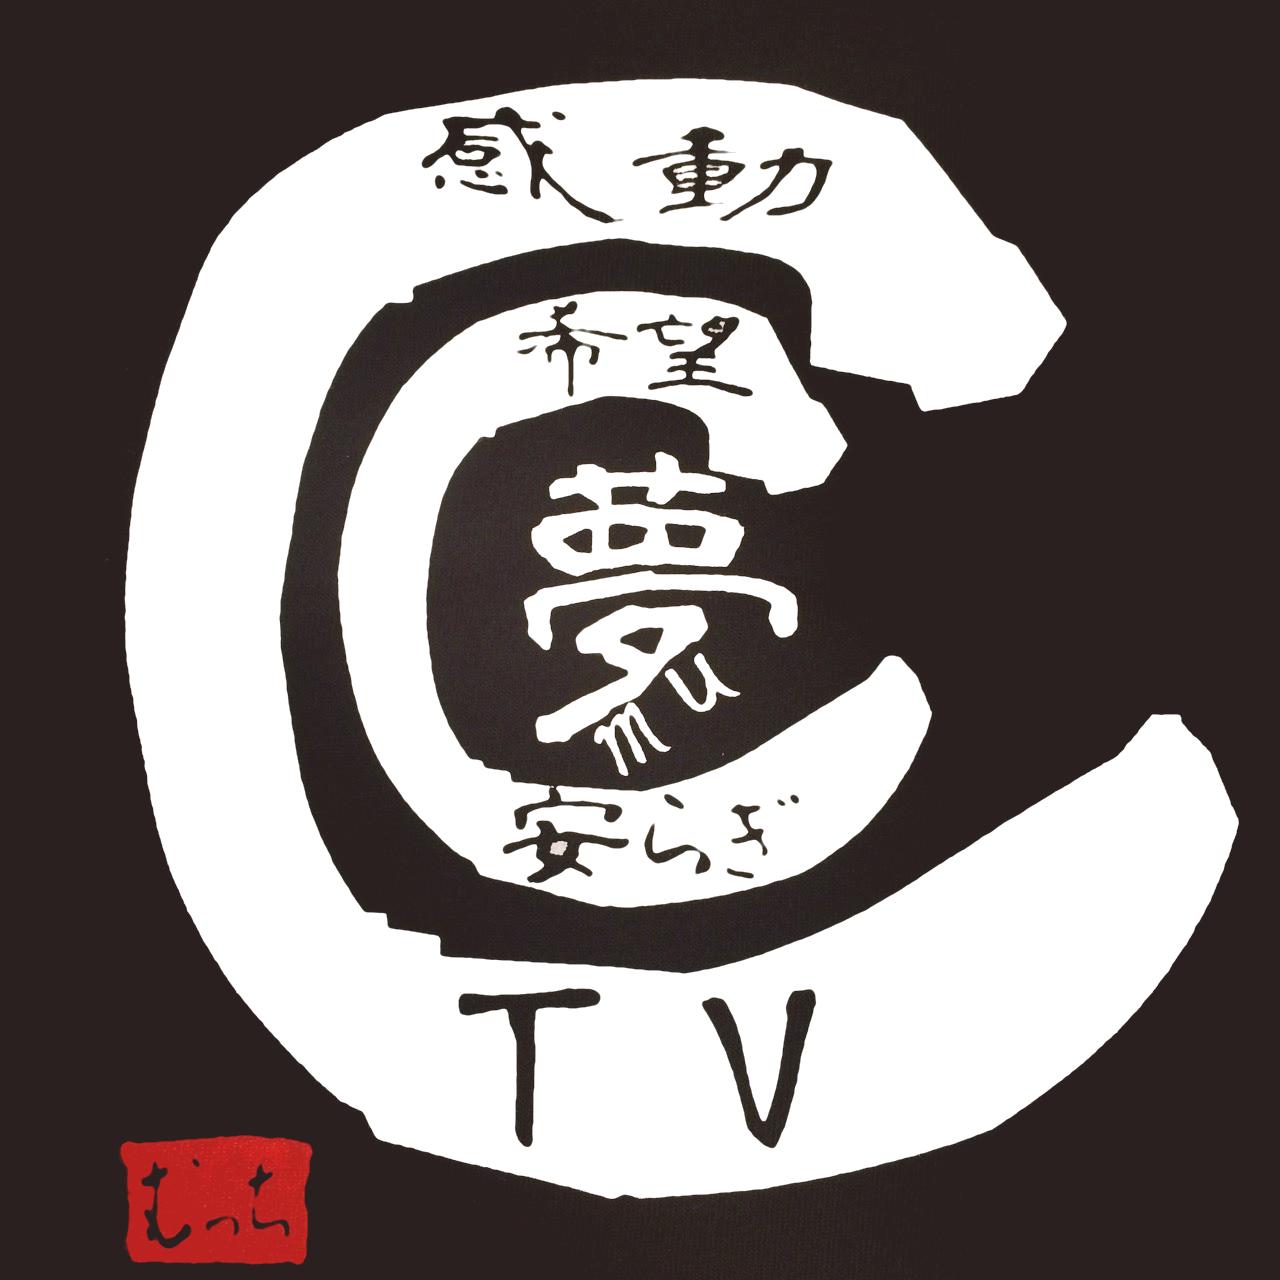 2014年に制作したロゴデザイン! 元祖!mucciTV和柄デザイン! 良く見ると【mucci】の文字が隠れてる! 定番Tシャツ